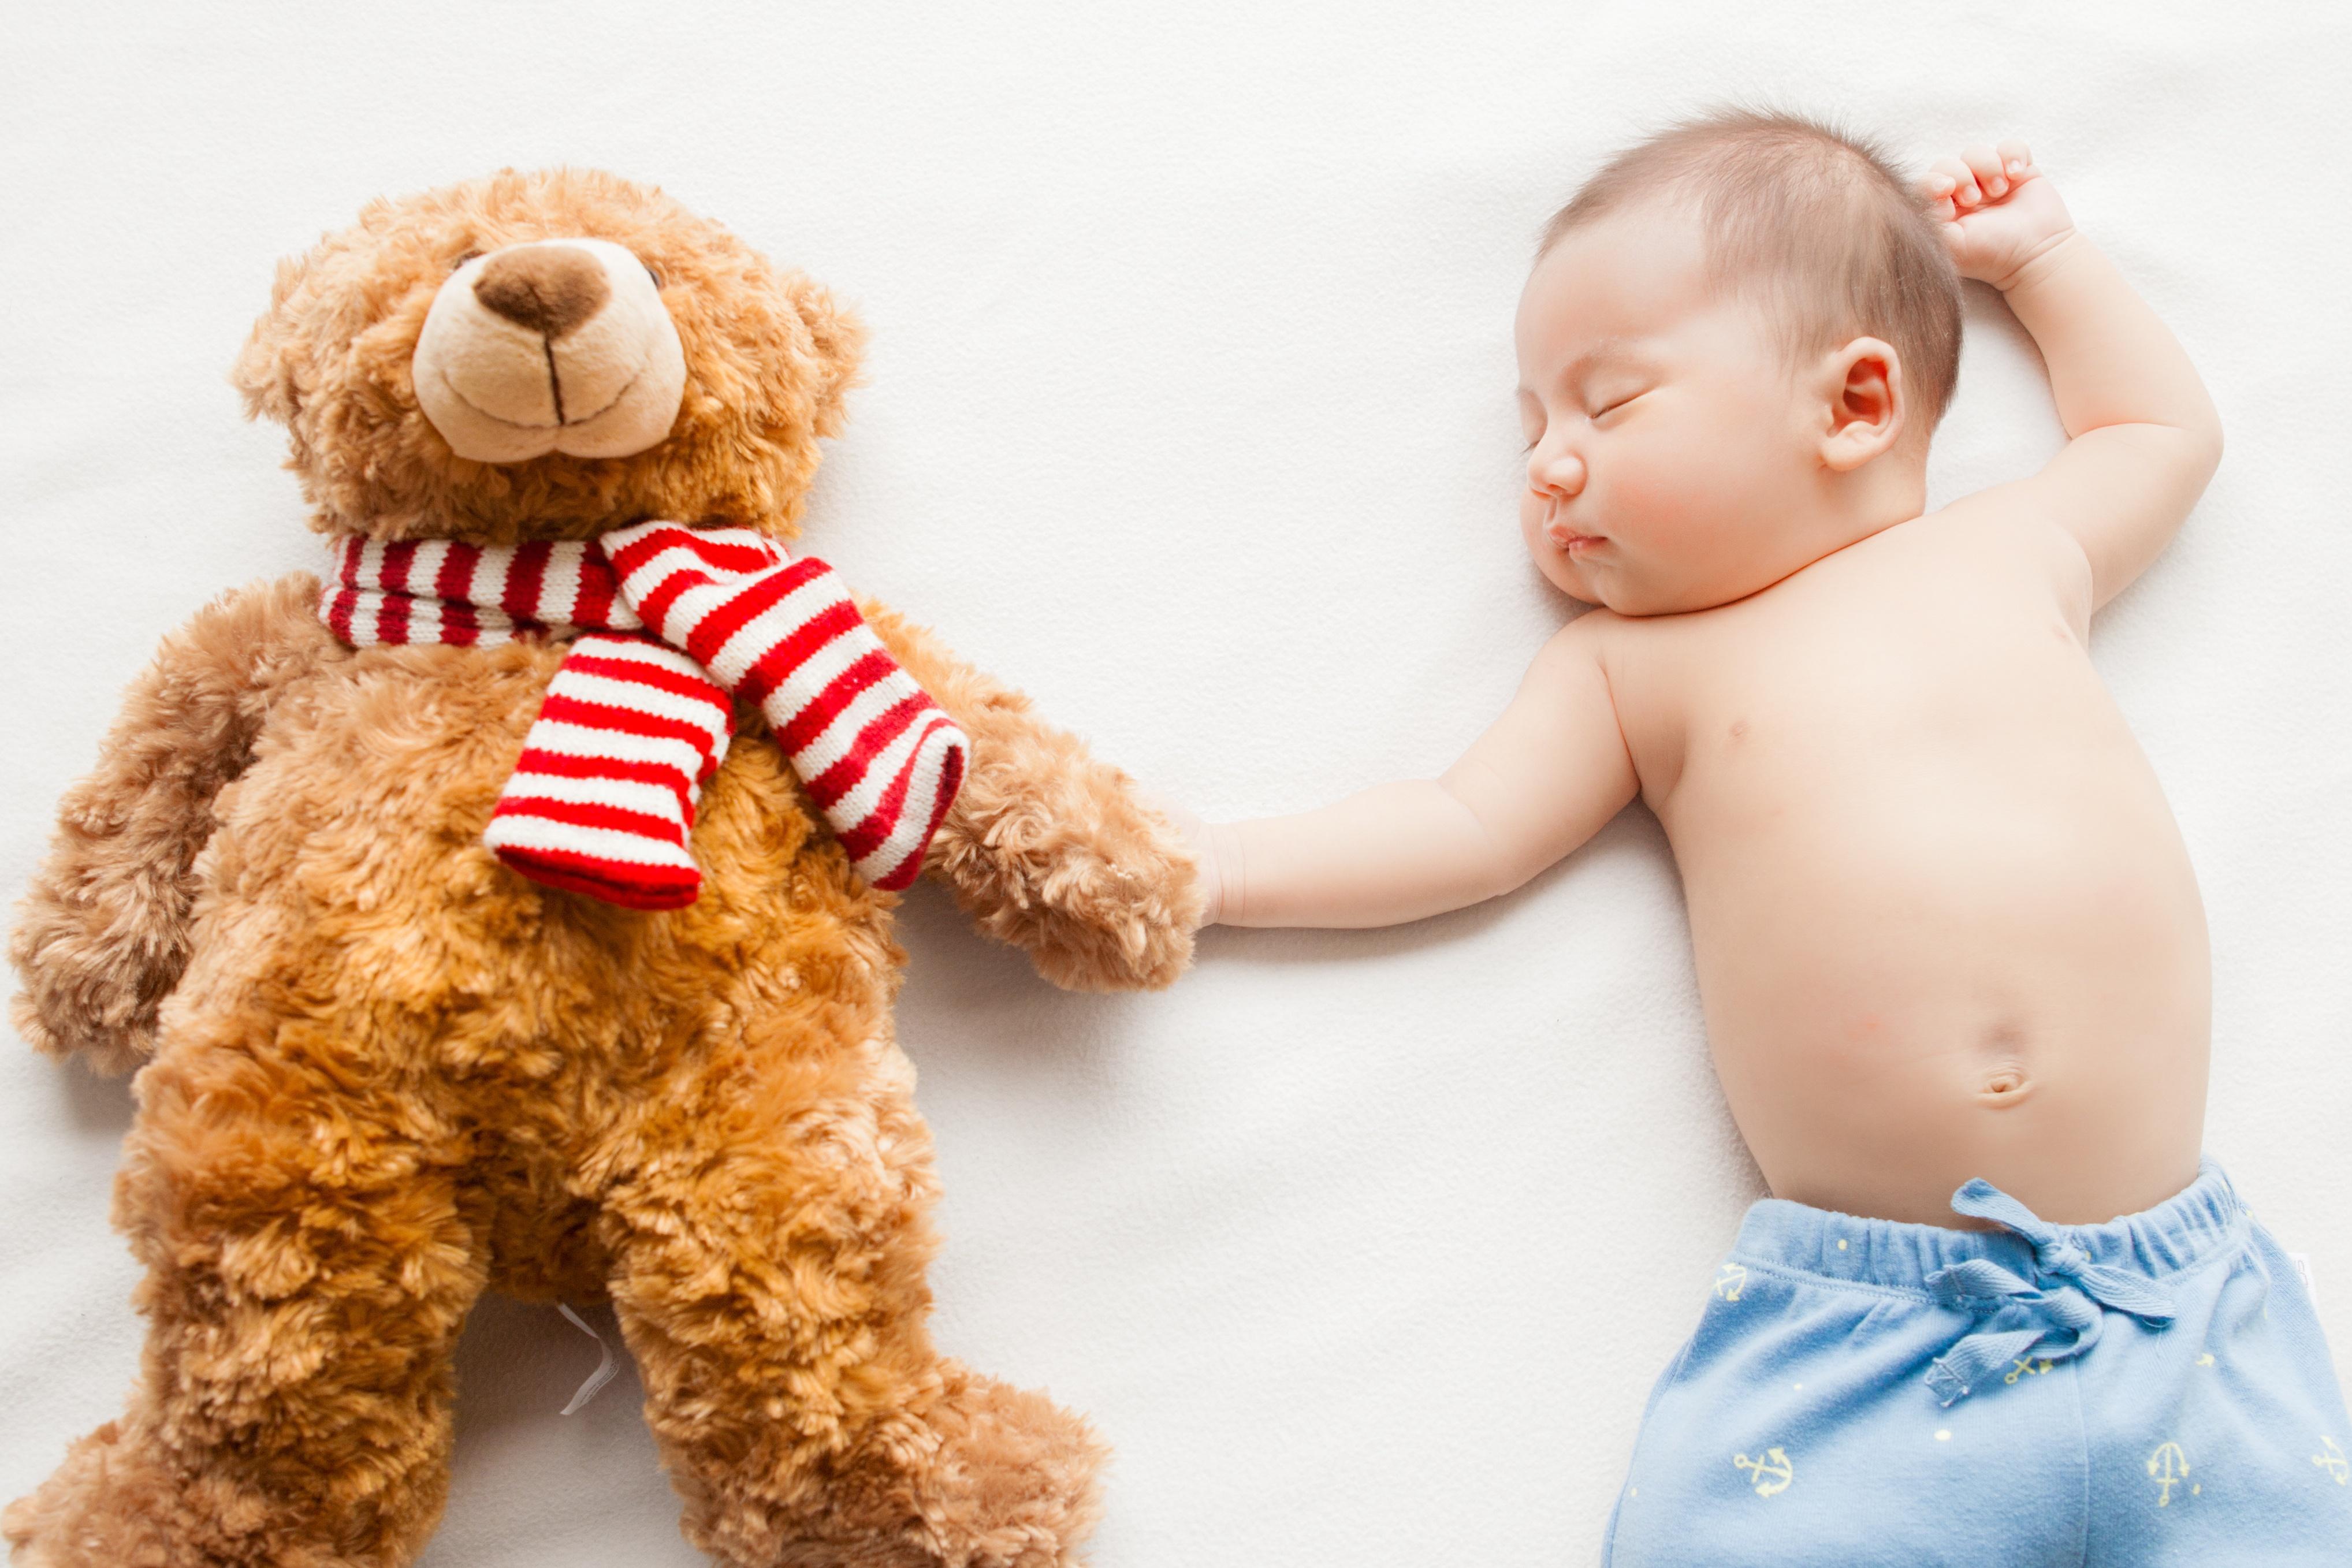 赤ちゃんへの初めてのプレゼントにシュタイフベアーはいかが? まとめ